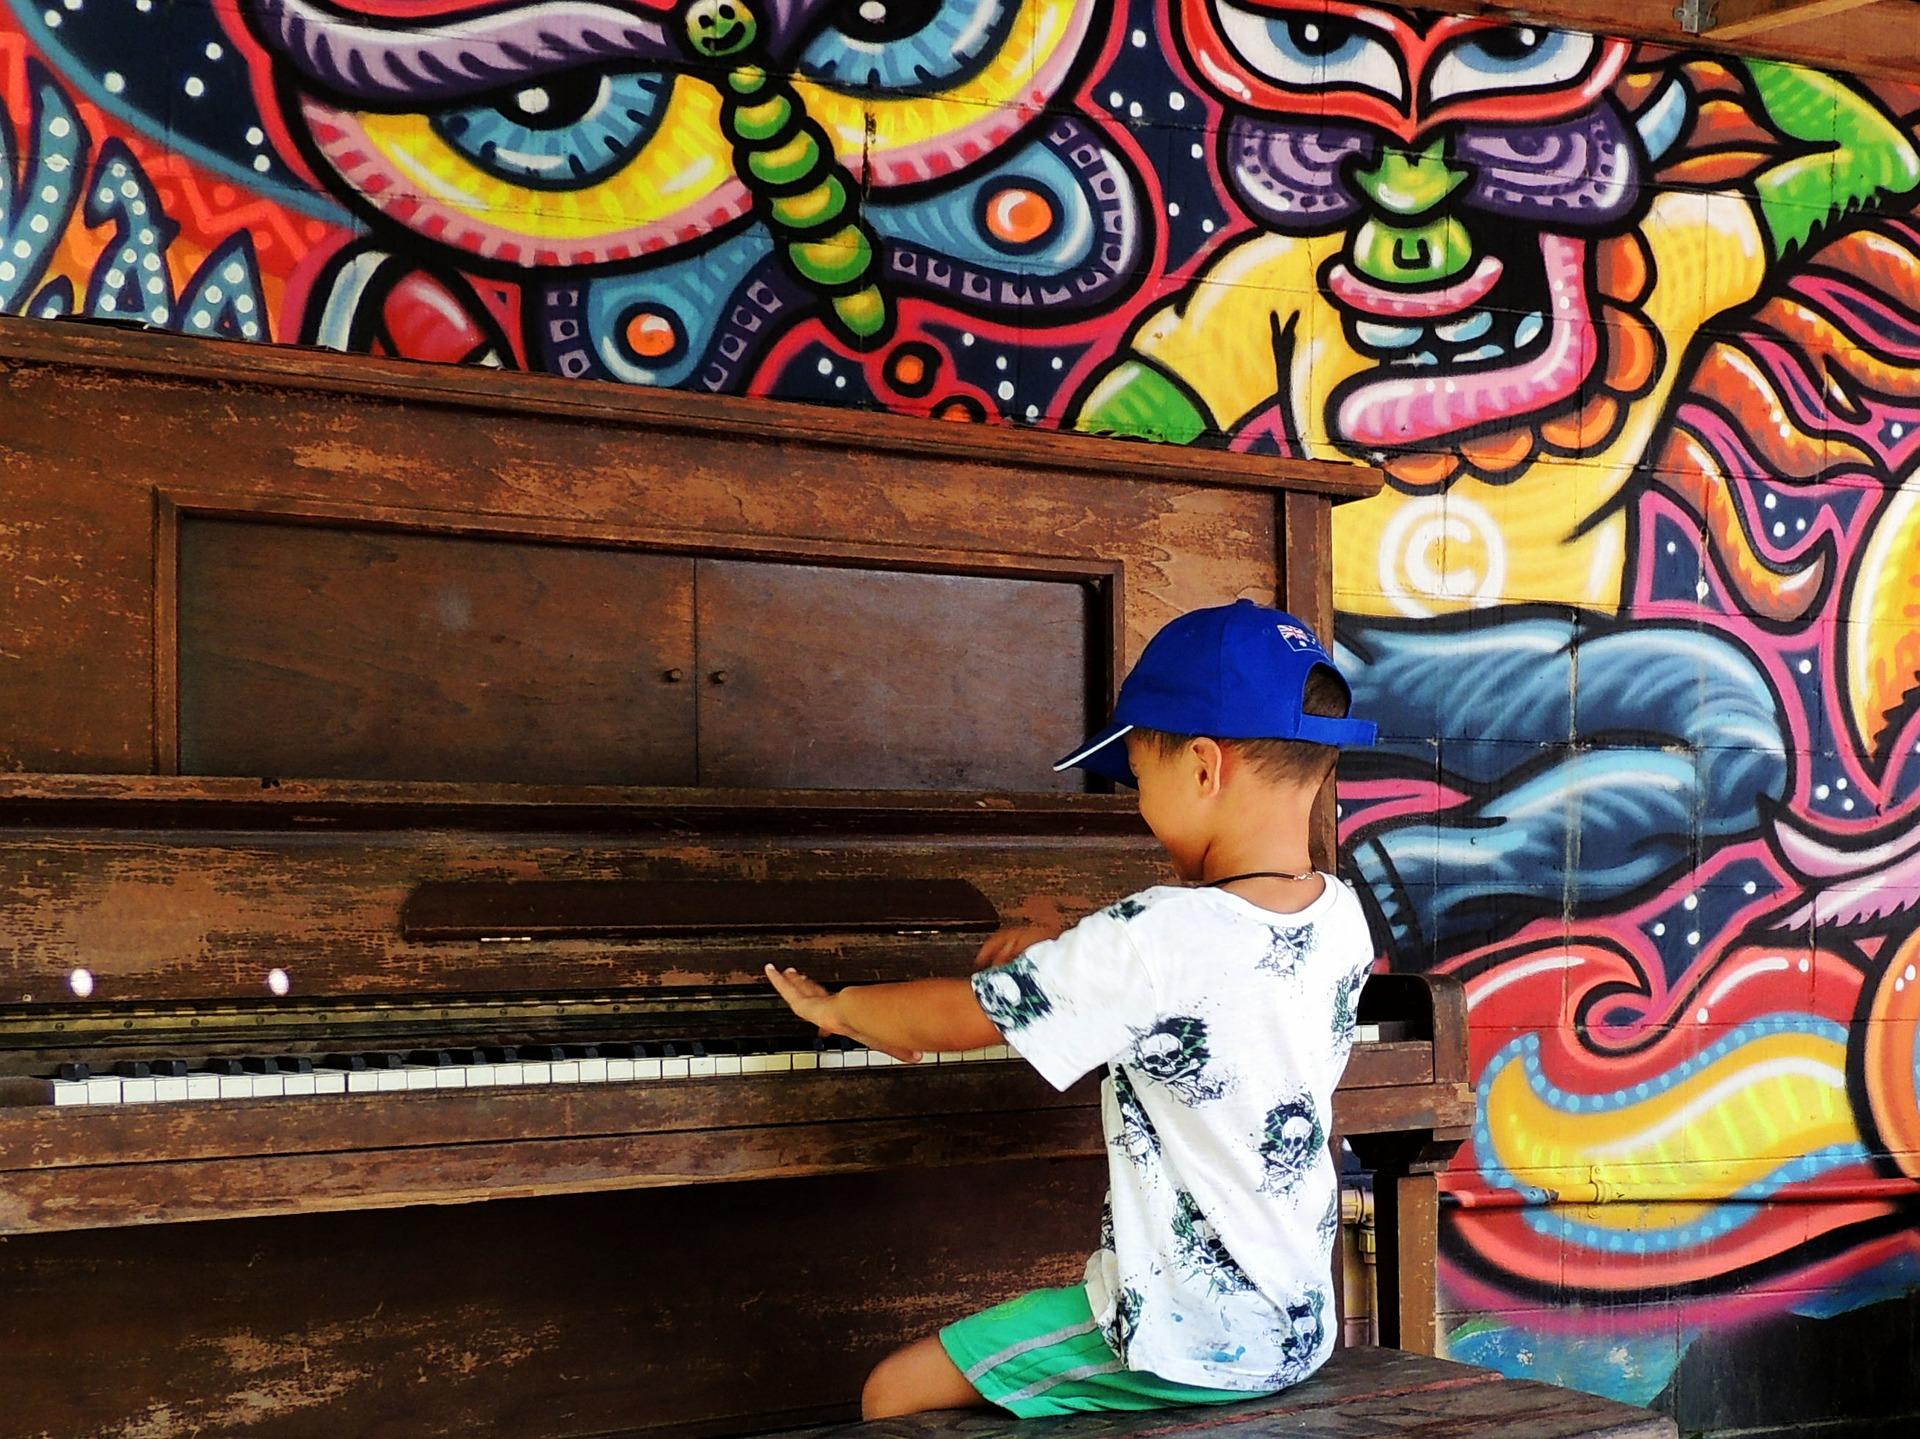 piano-523050_1920.jpg